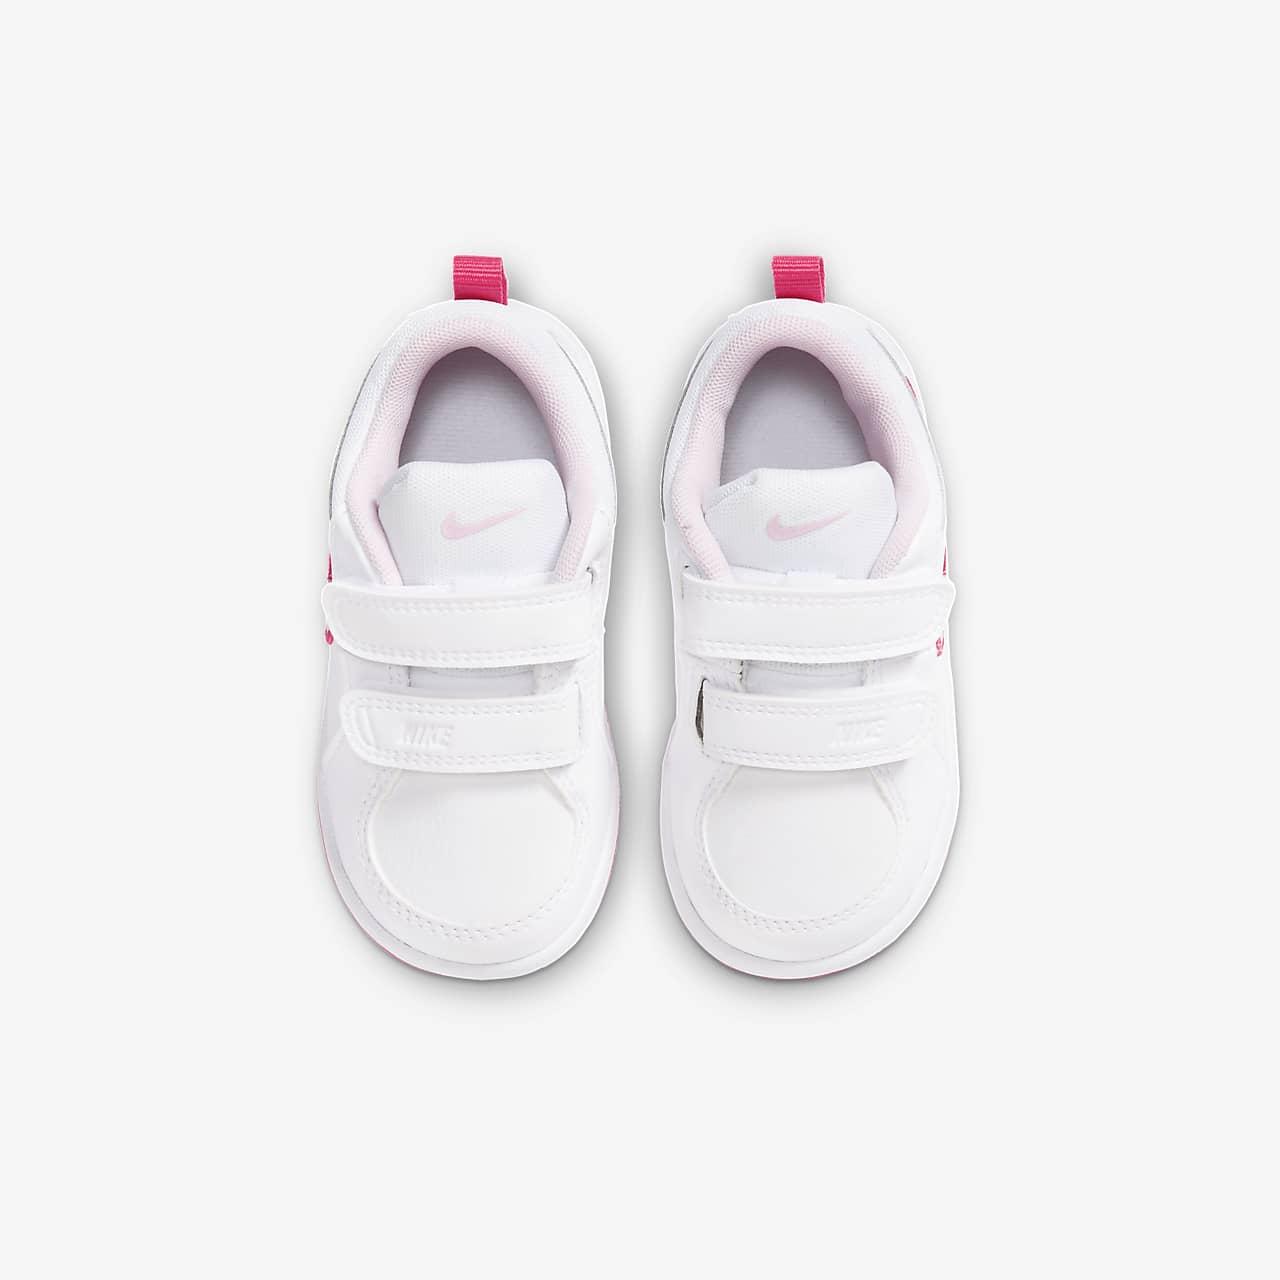 abbeb69b93 Chaussure Nike Pico 4 pour Bébé/Petite fille. Nike.com FR